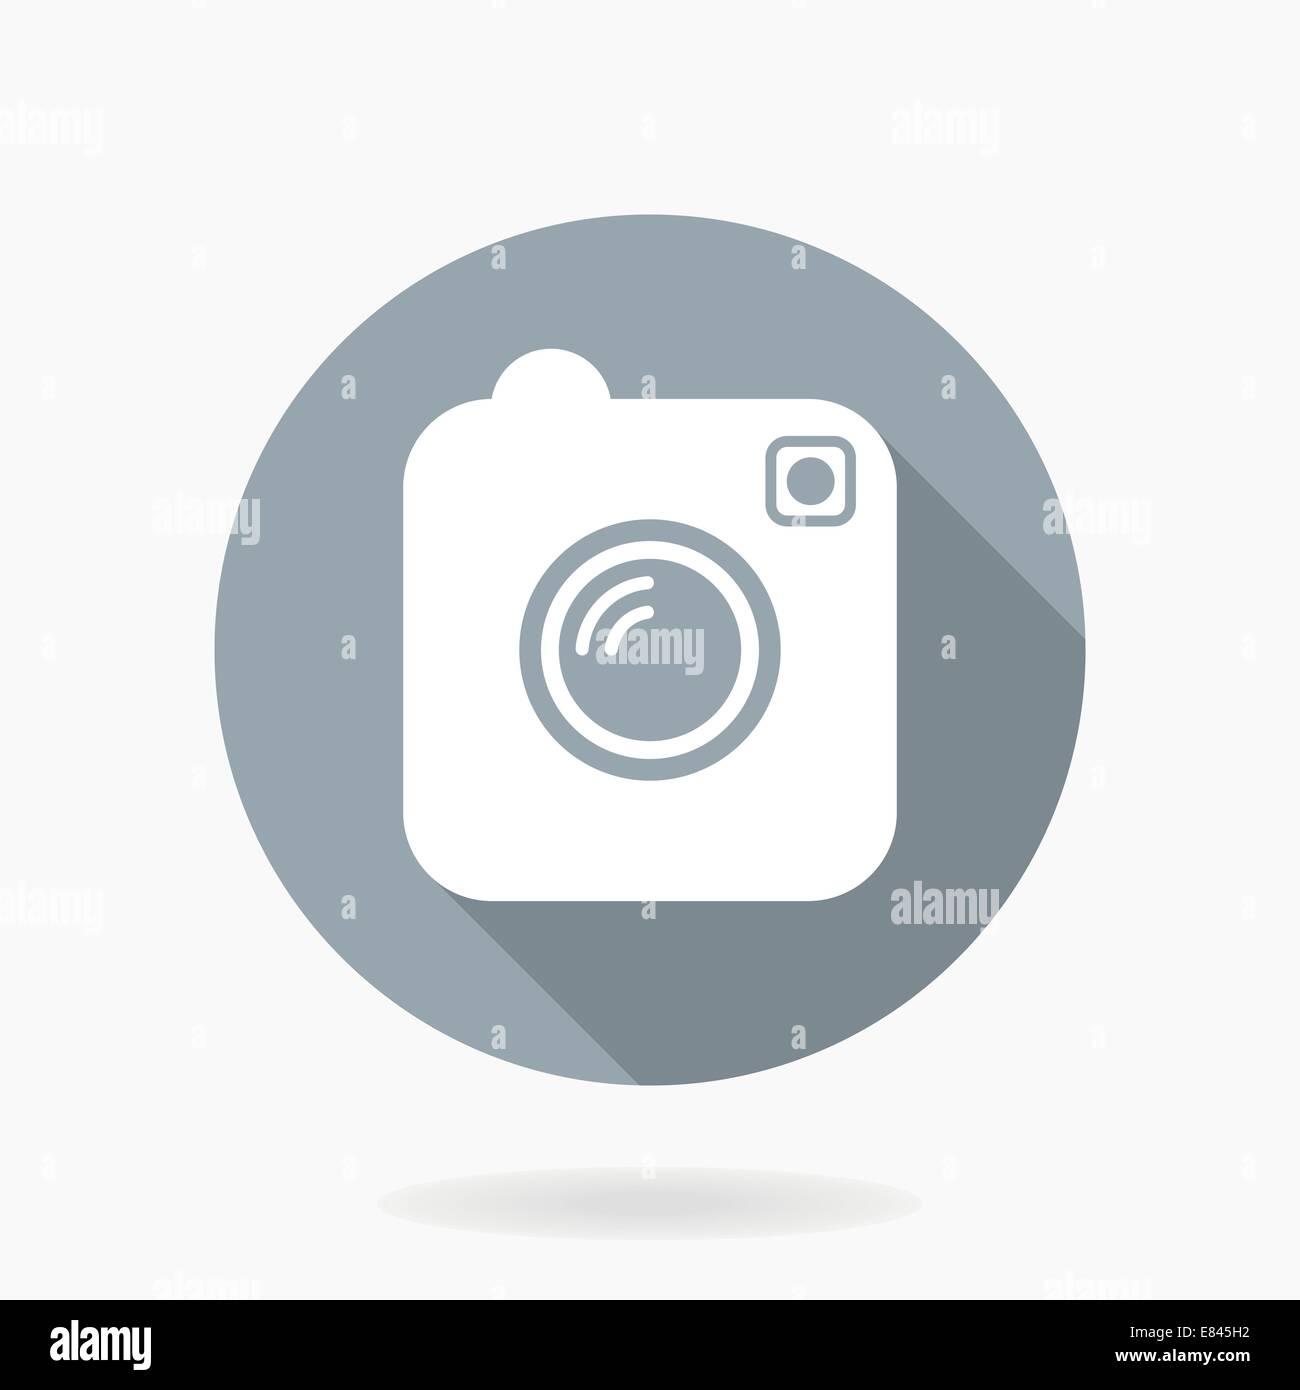 Cámara icono vectoriales con diseño plano en círculo azul con larga sombra Imagen De Stock